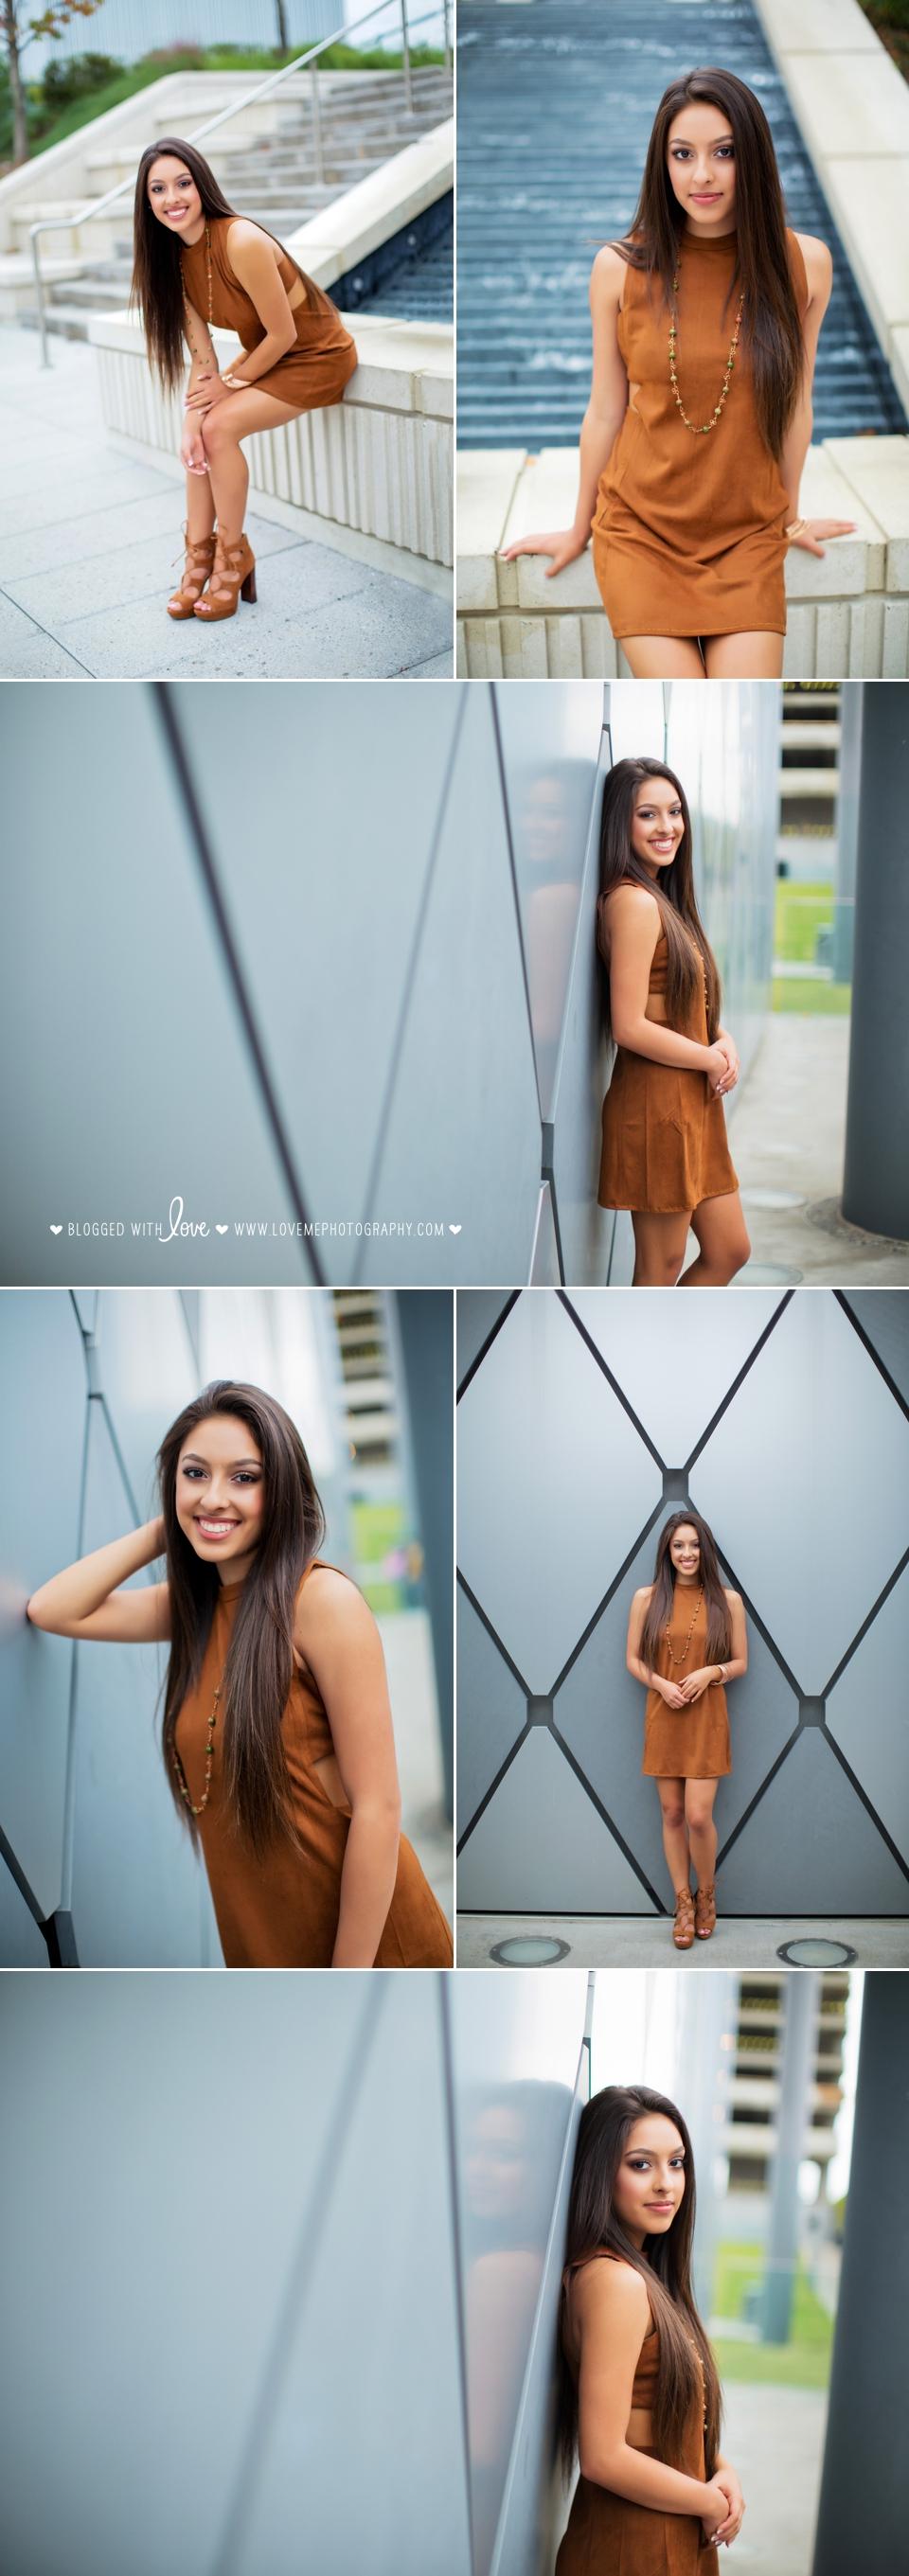 Madison's Senior Portrait Session in Dallas | Love, Me Photography | Dallas senior portrait photographer